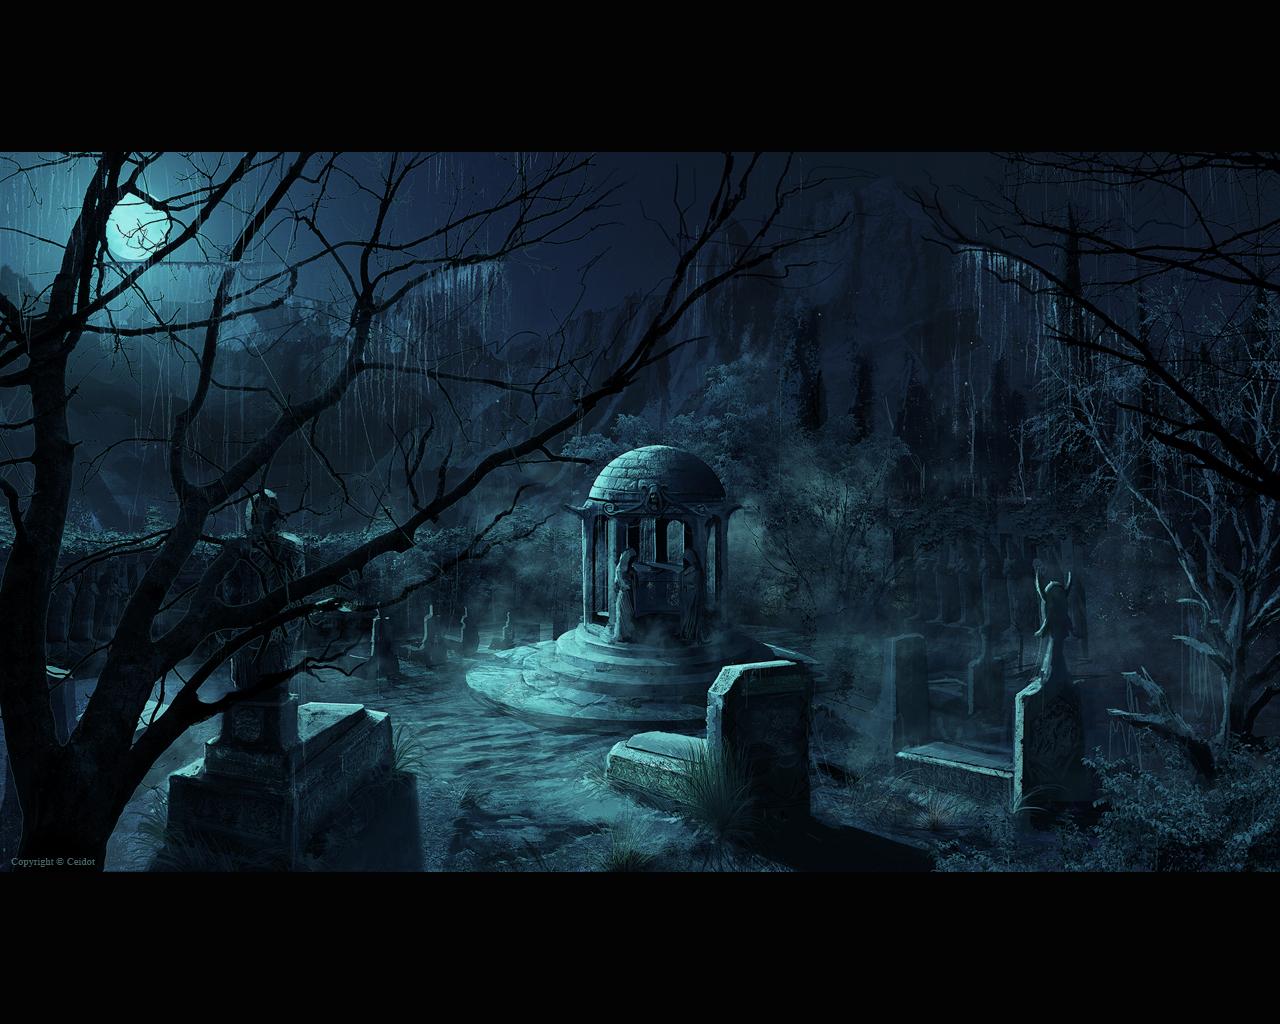 Bilder friedhof gothic fantasy fantasy - Gothic hintergrundbilder ...